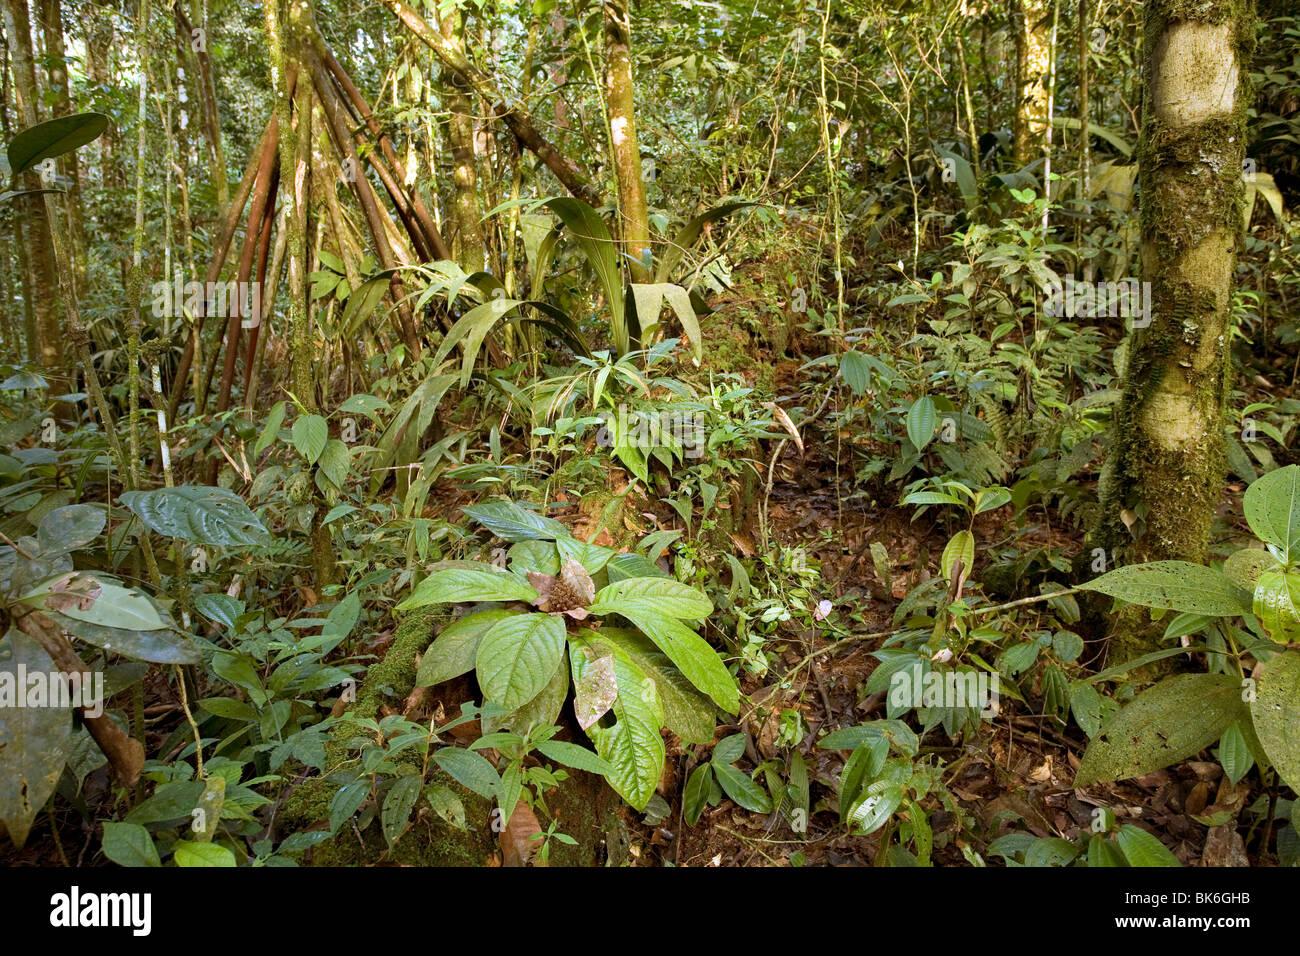 Interior de la selva montana a 1.000m de altitud, Ecuador Imagen De Stock